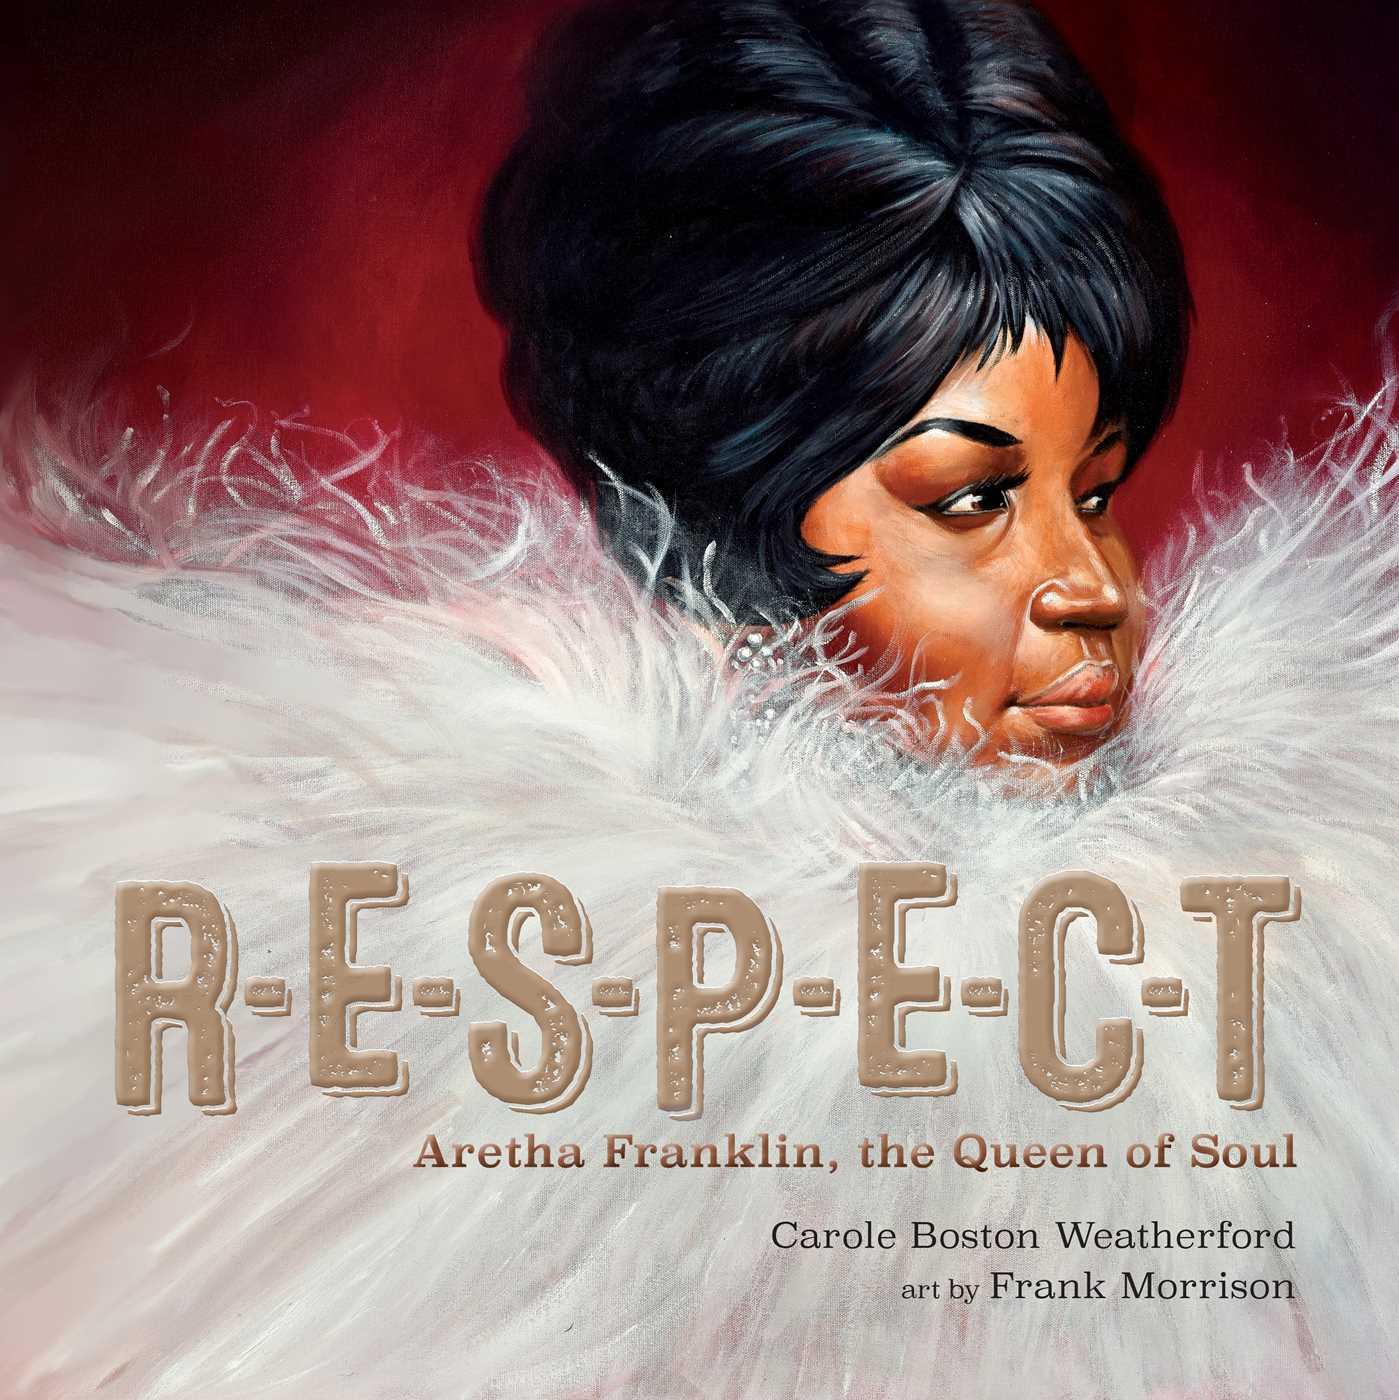 R-E-S-P-E-C-T: Aretha Franklin, the Queen of Soul